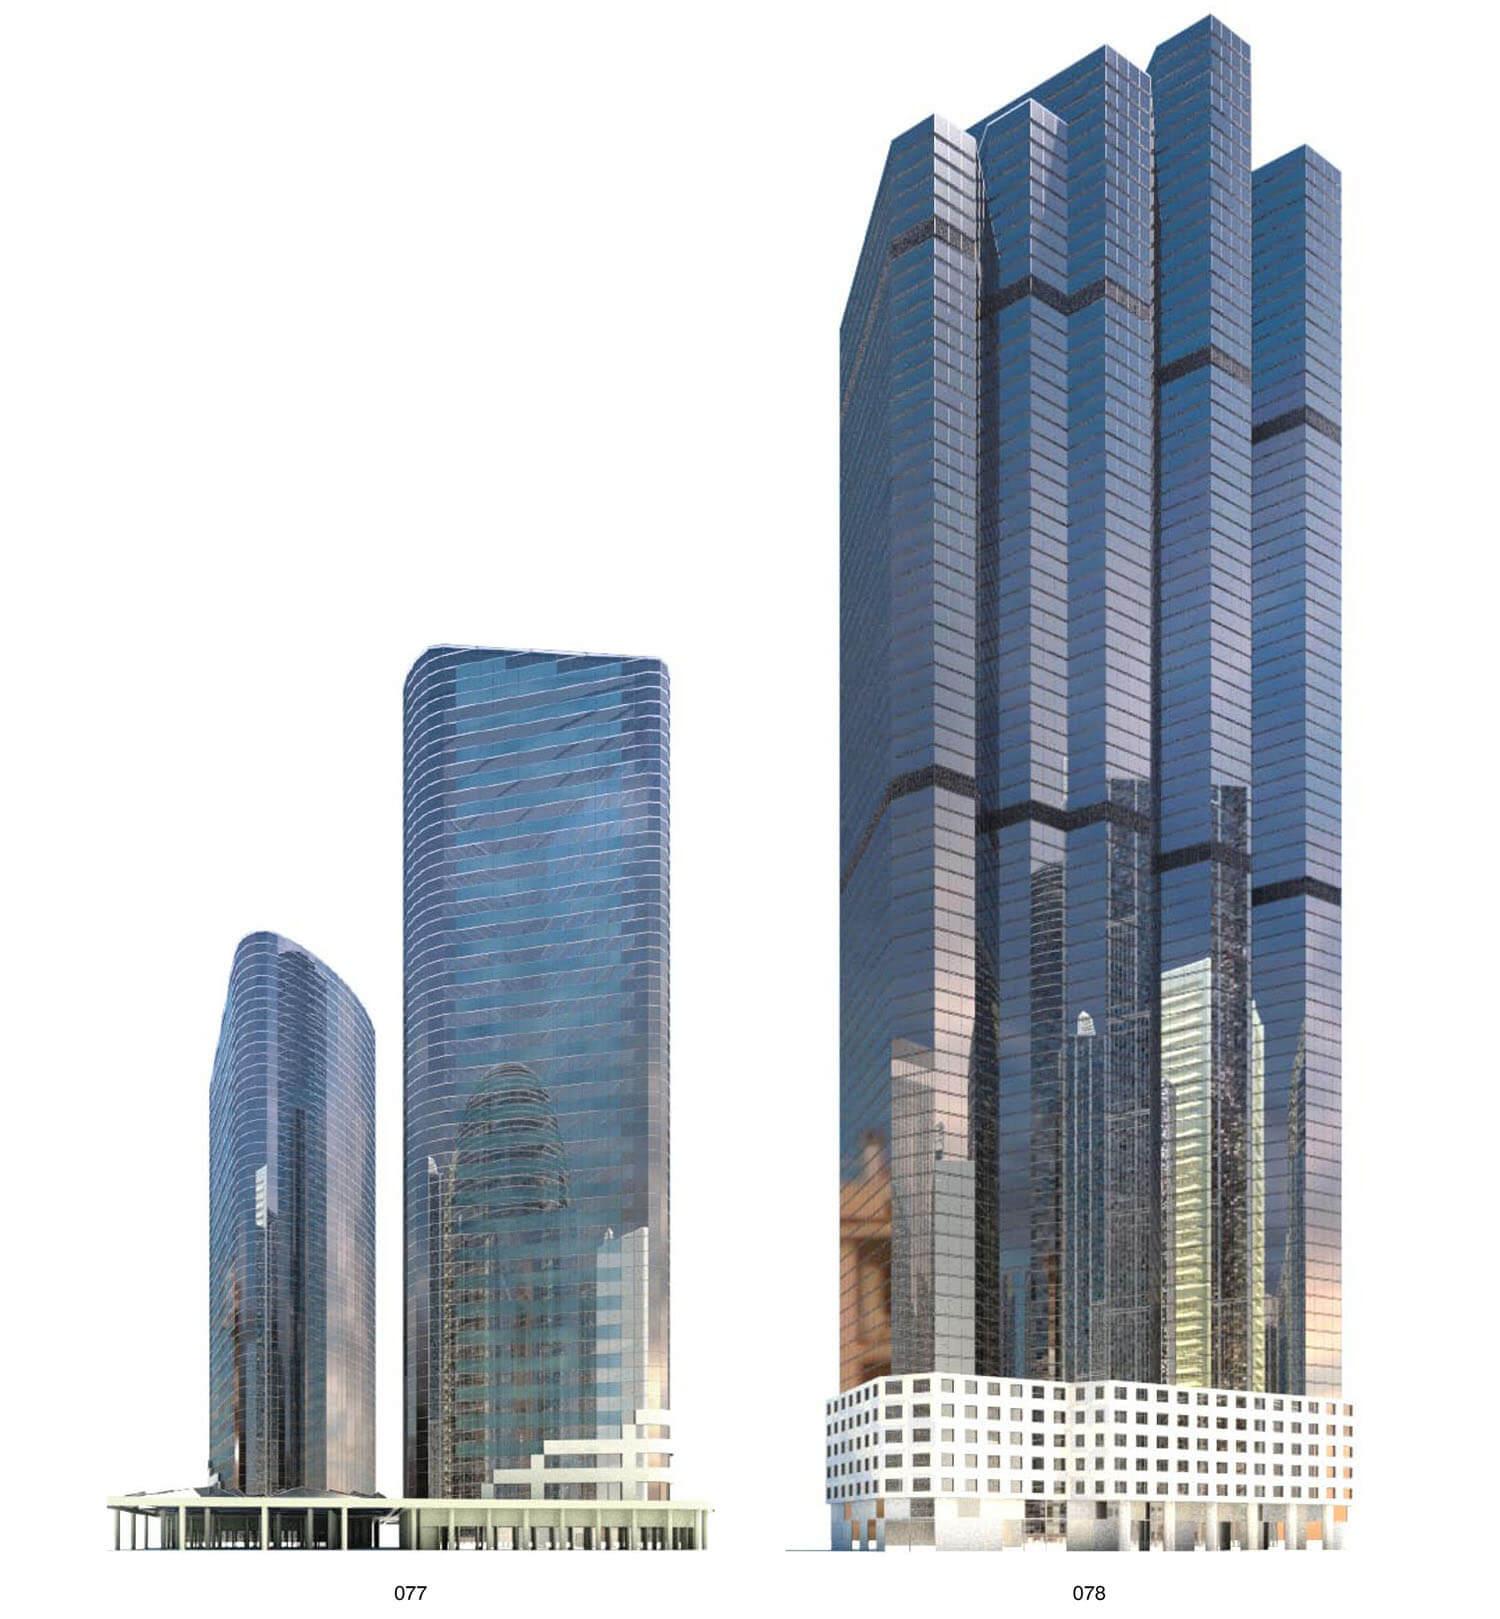 Các cao ốc có vỏ ngoài bằng kính là hình thức kiến trúc phổ biến đối với nhà cao tầng